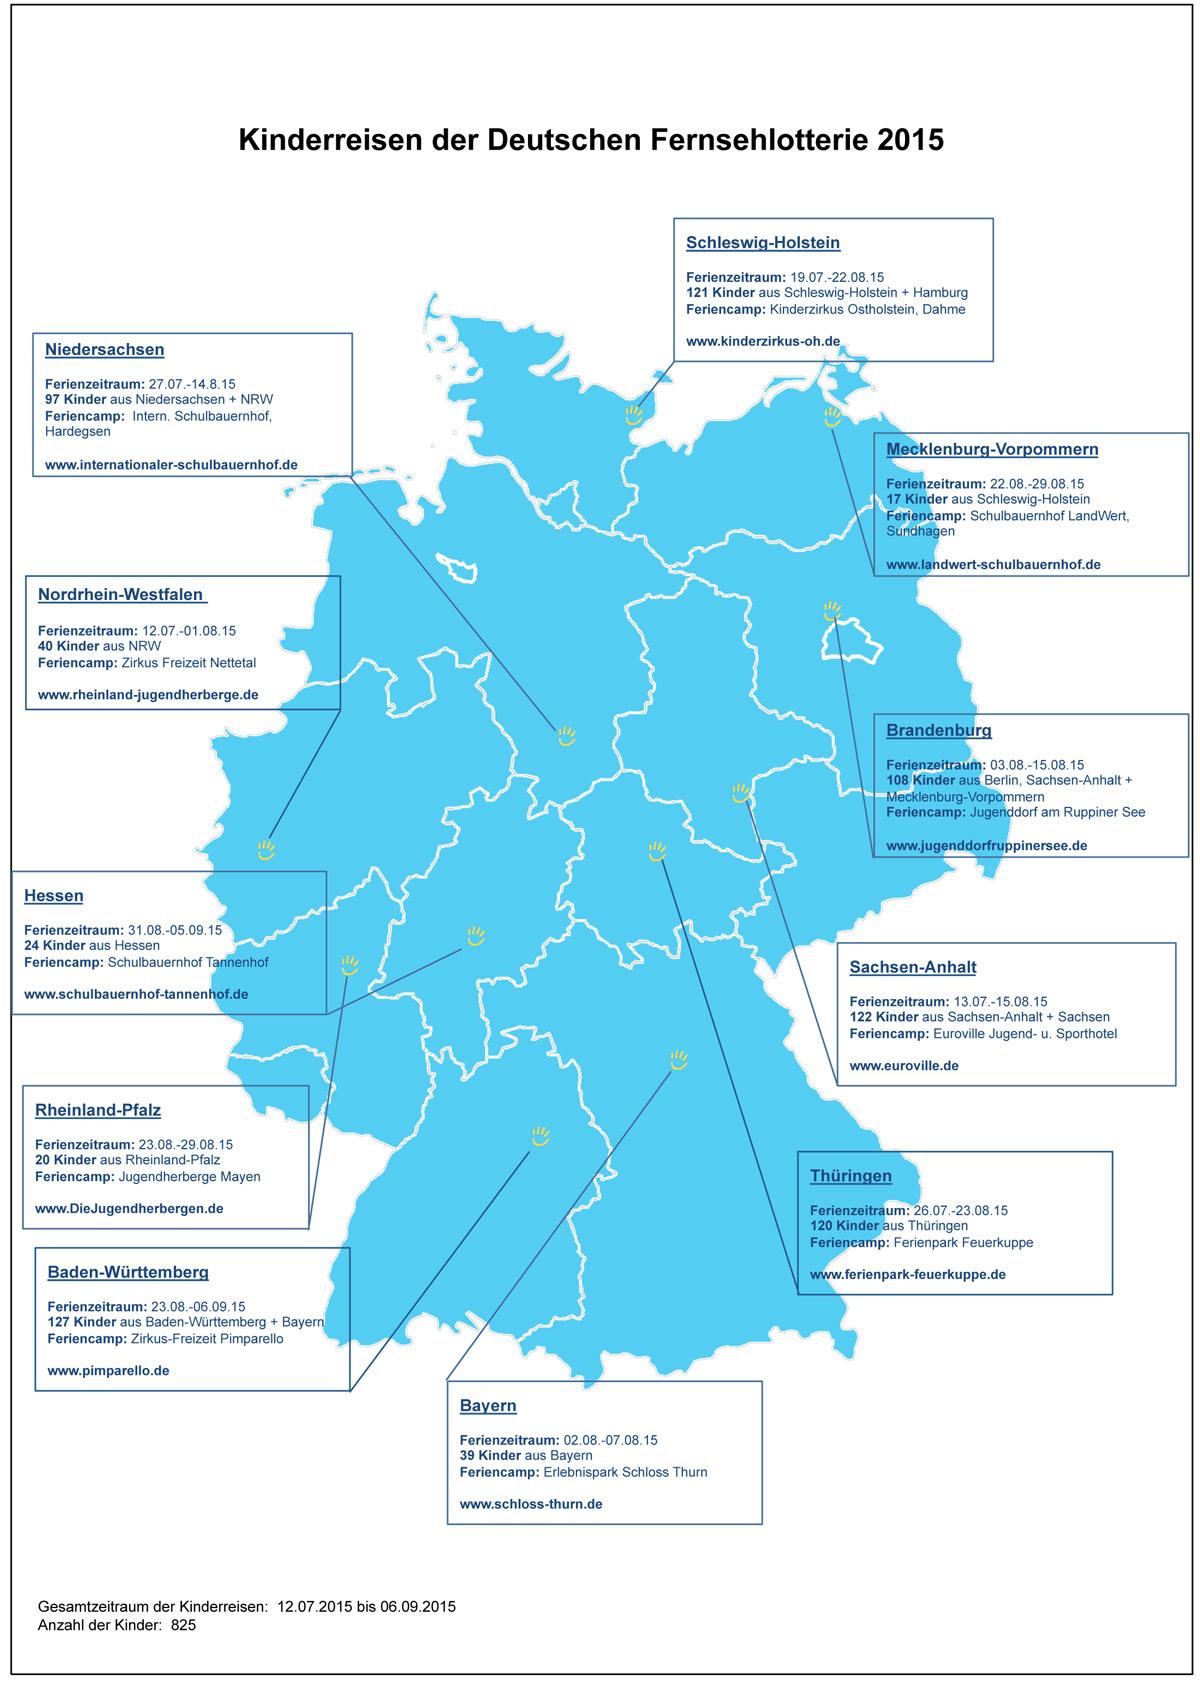 Deutschlandkarte-Kinderreisen